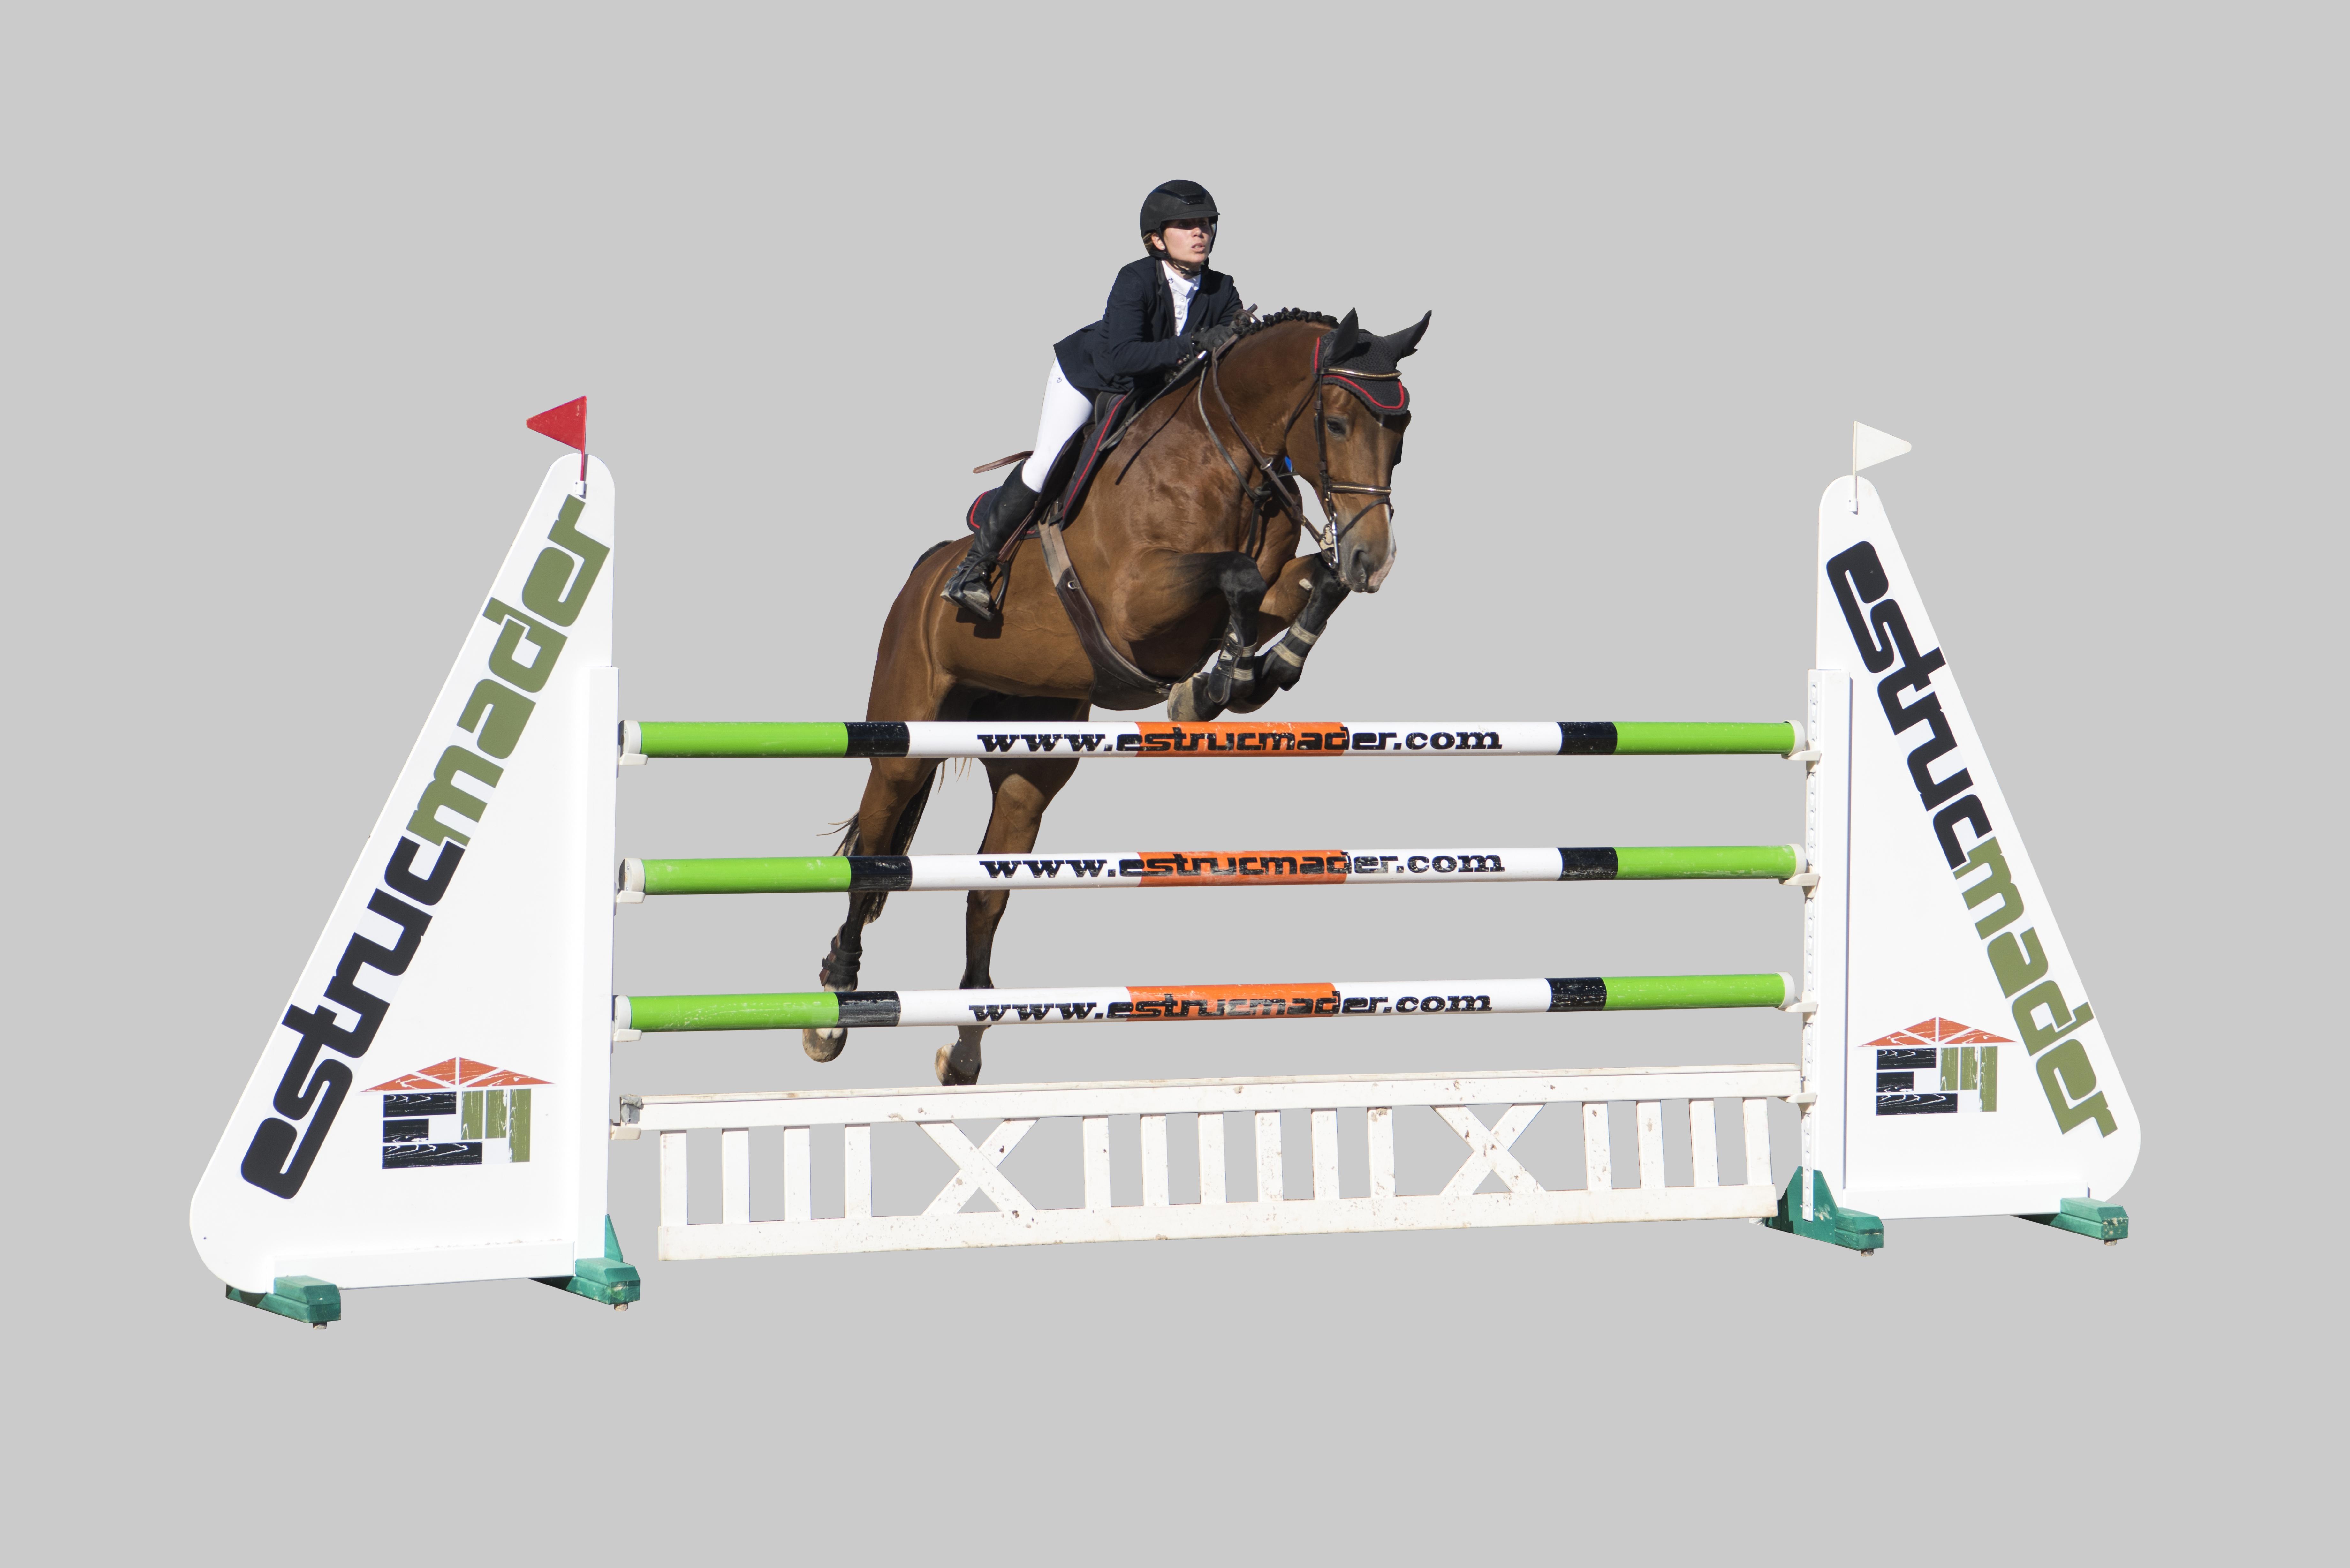 obstaculo de hipica para caballos publipanel OH20.0